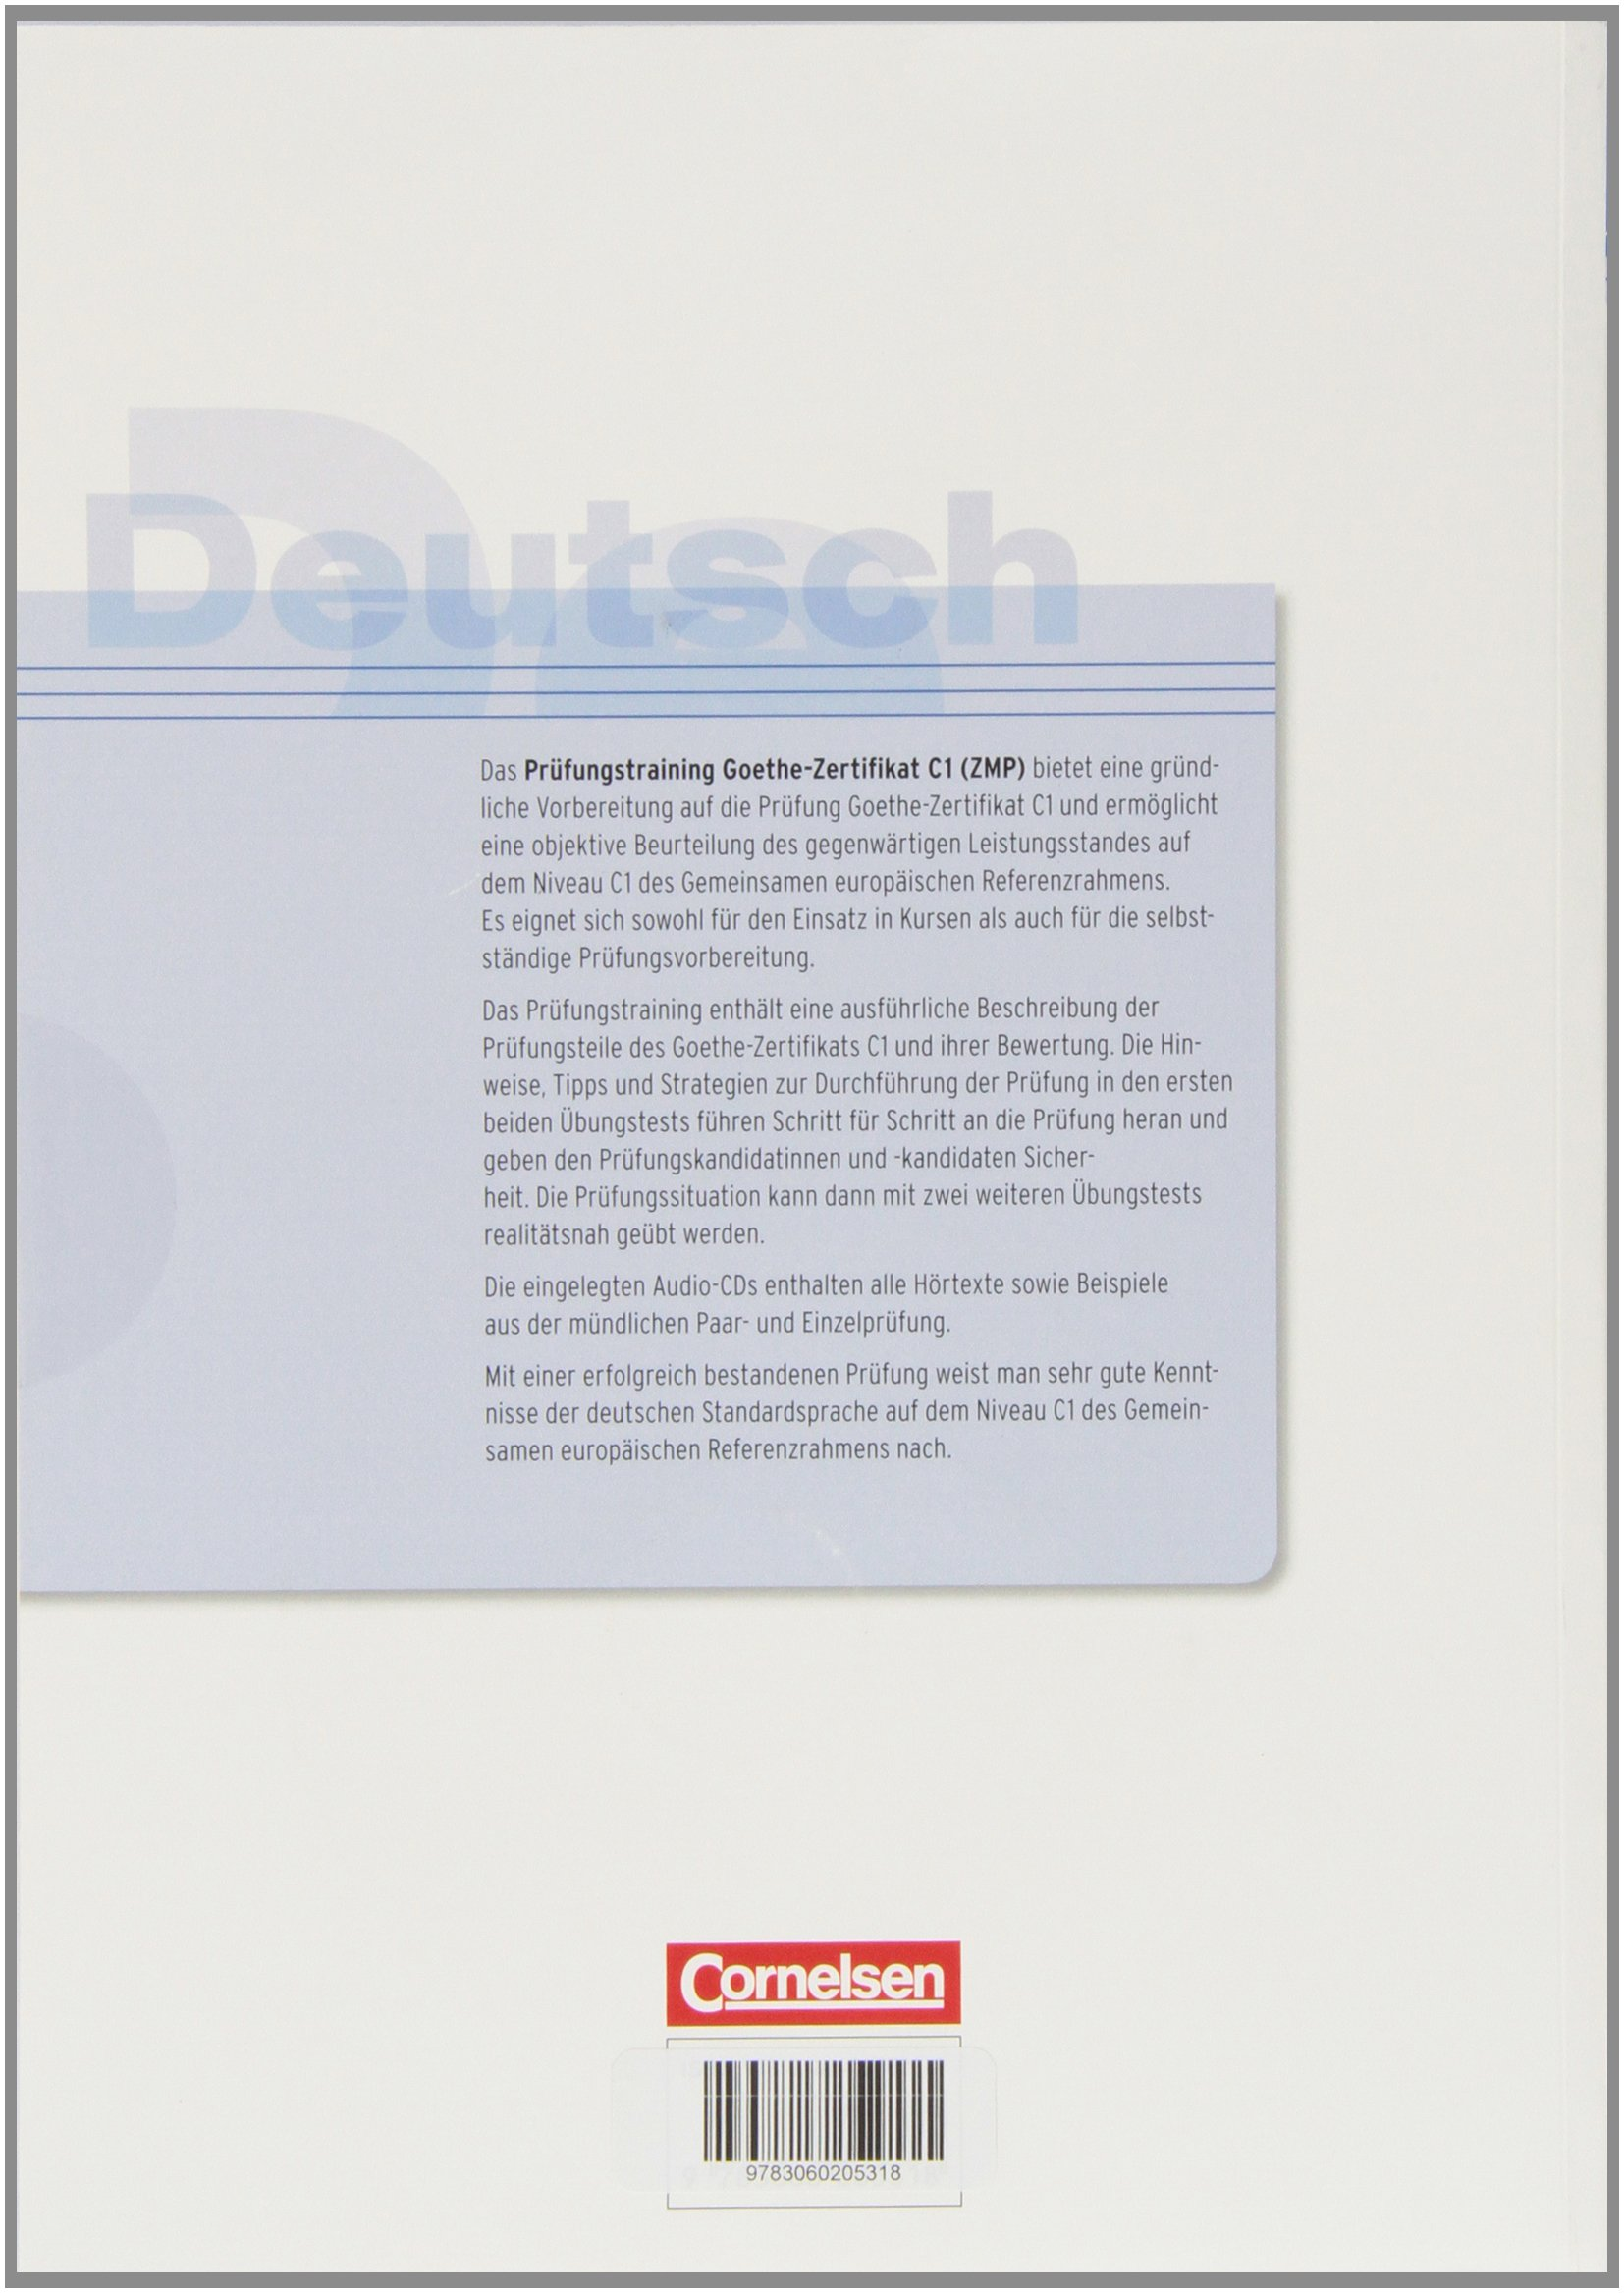 Prüfungstraining Daf C1 Goethe Zertifikat C1 Zentrale Gabi